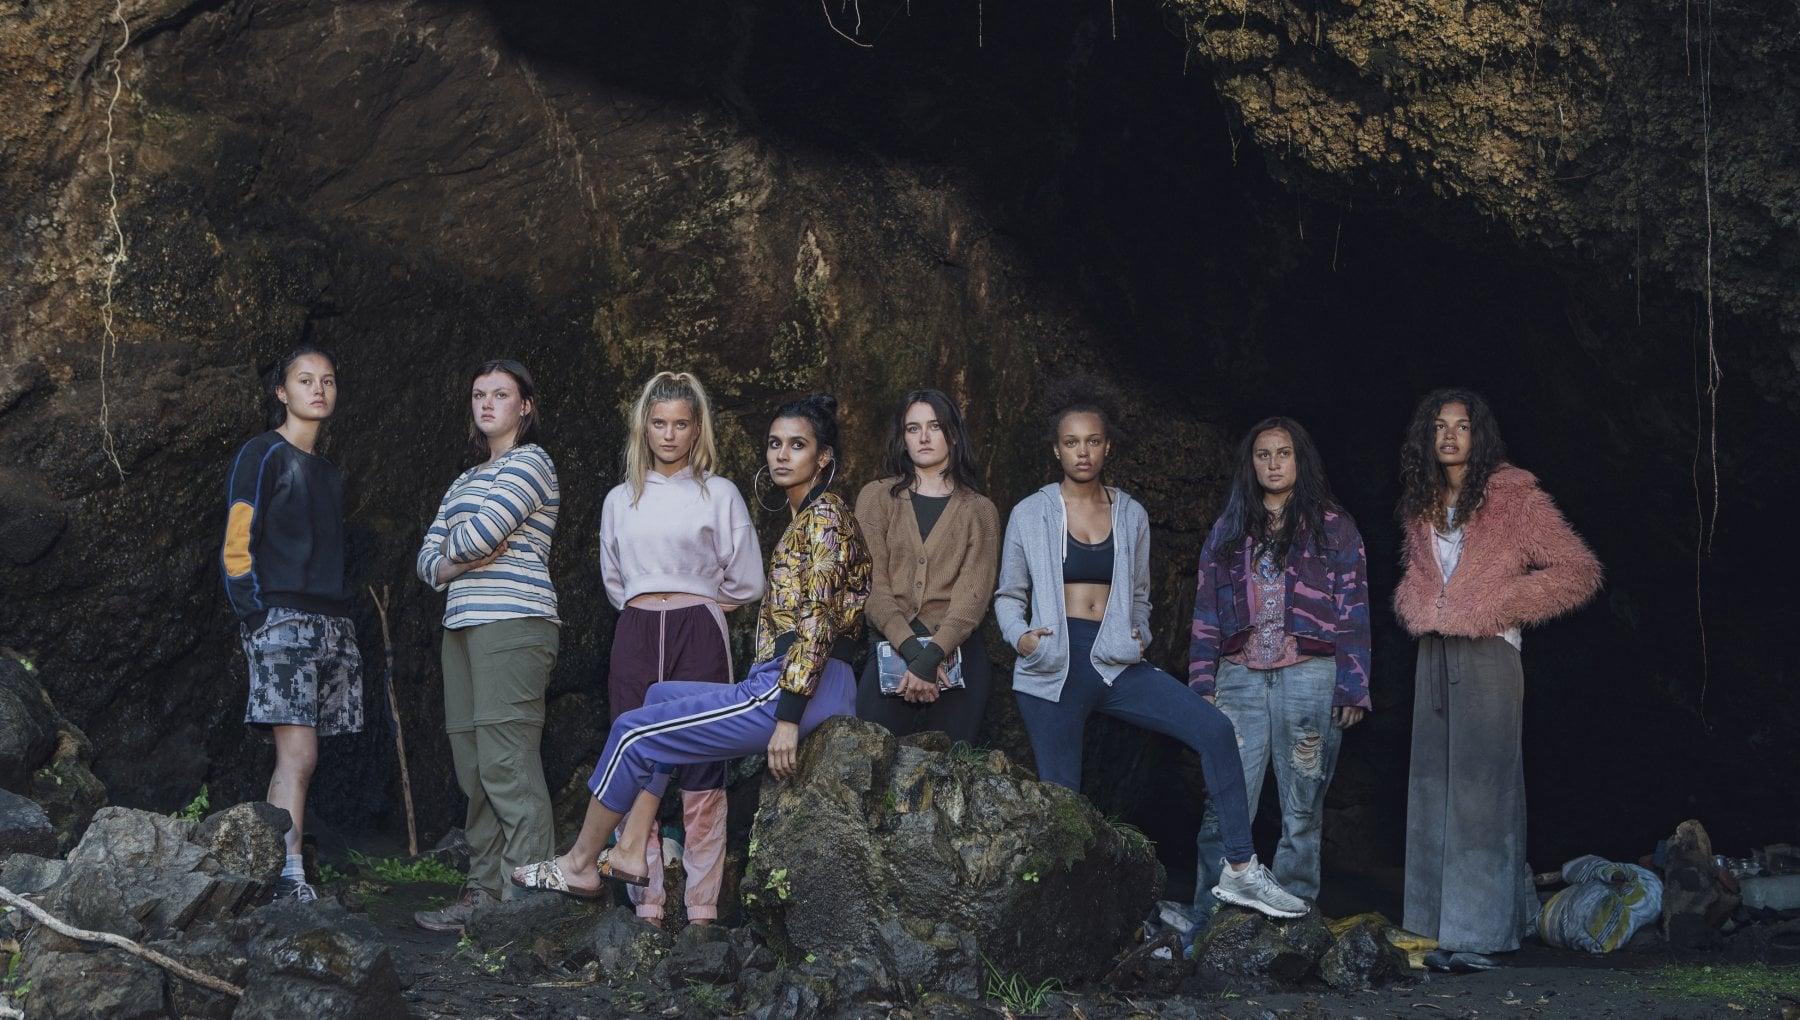 The Wilds tra Lost e Gossip Girl la nuova serie della produttrice di Sex and the city Alle ragazze diciamo in gruppo si vince